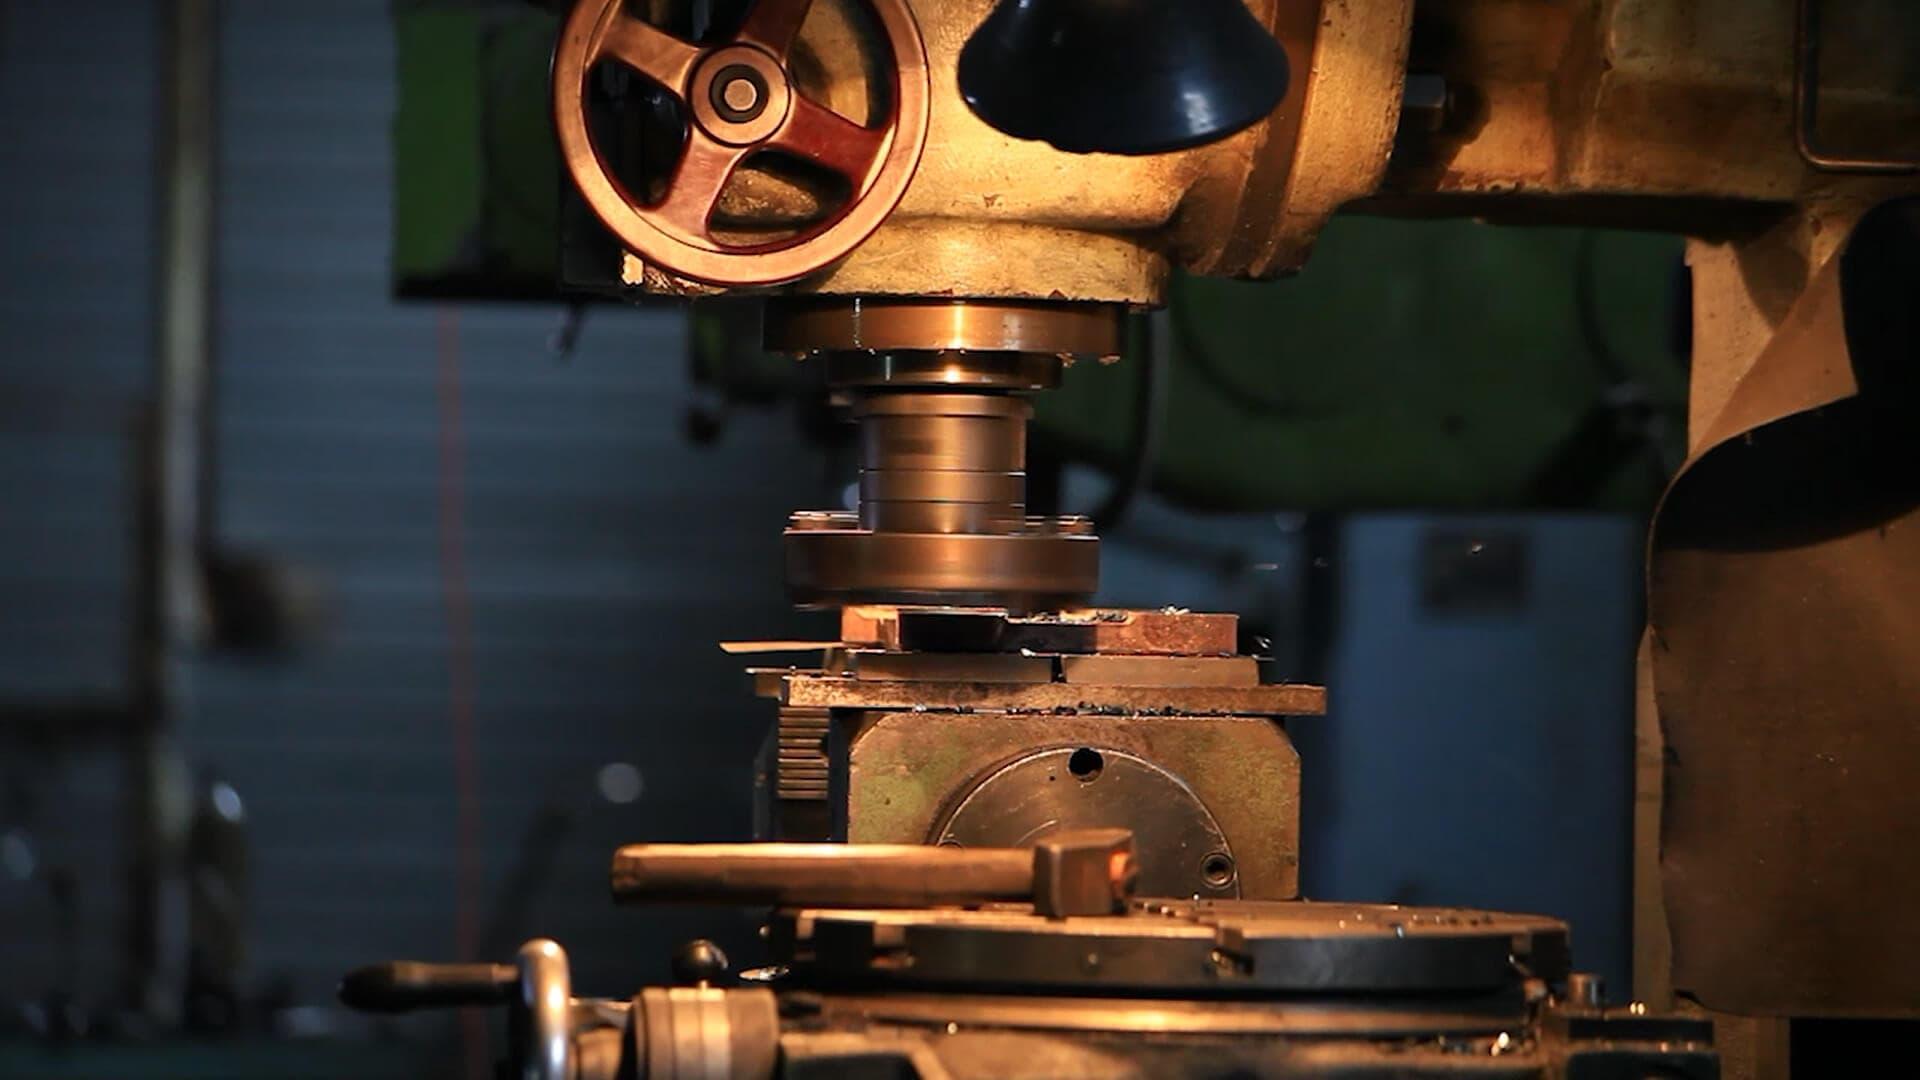 Операции токарно-фрезерной обработки металла – изображение